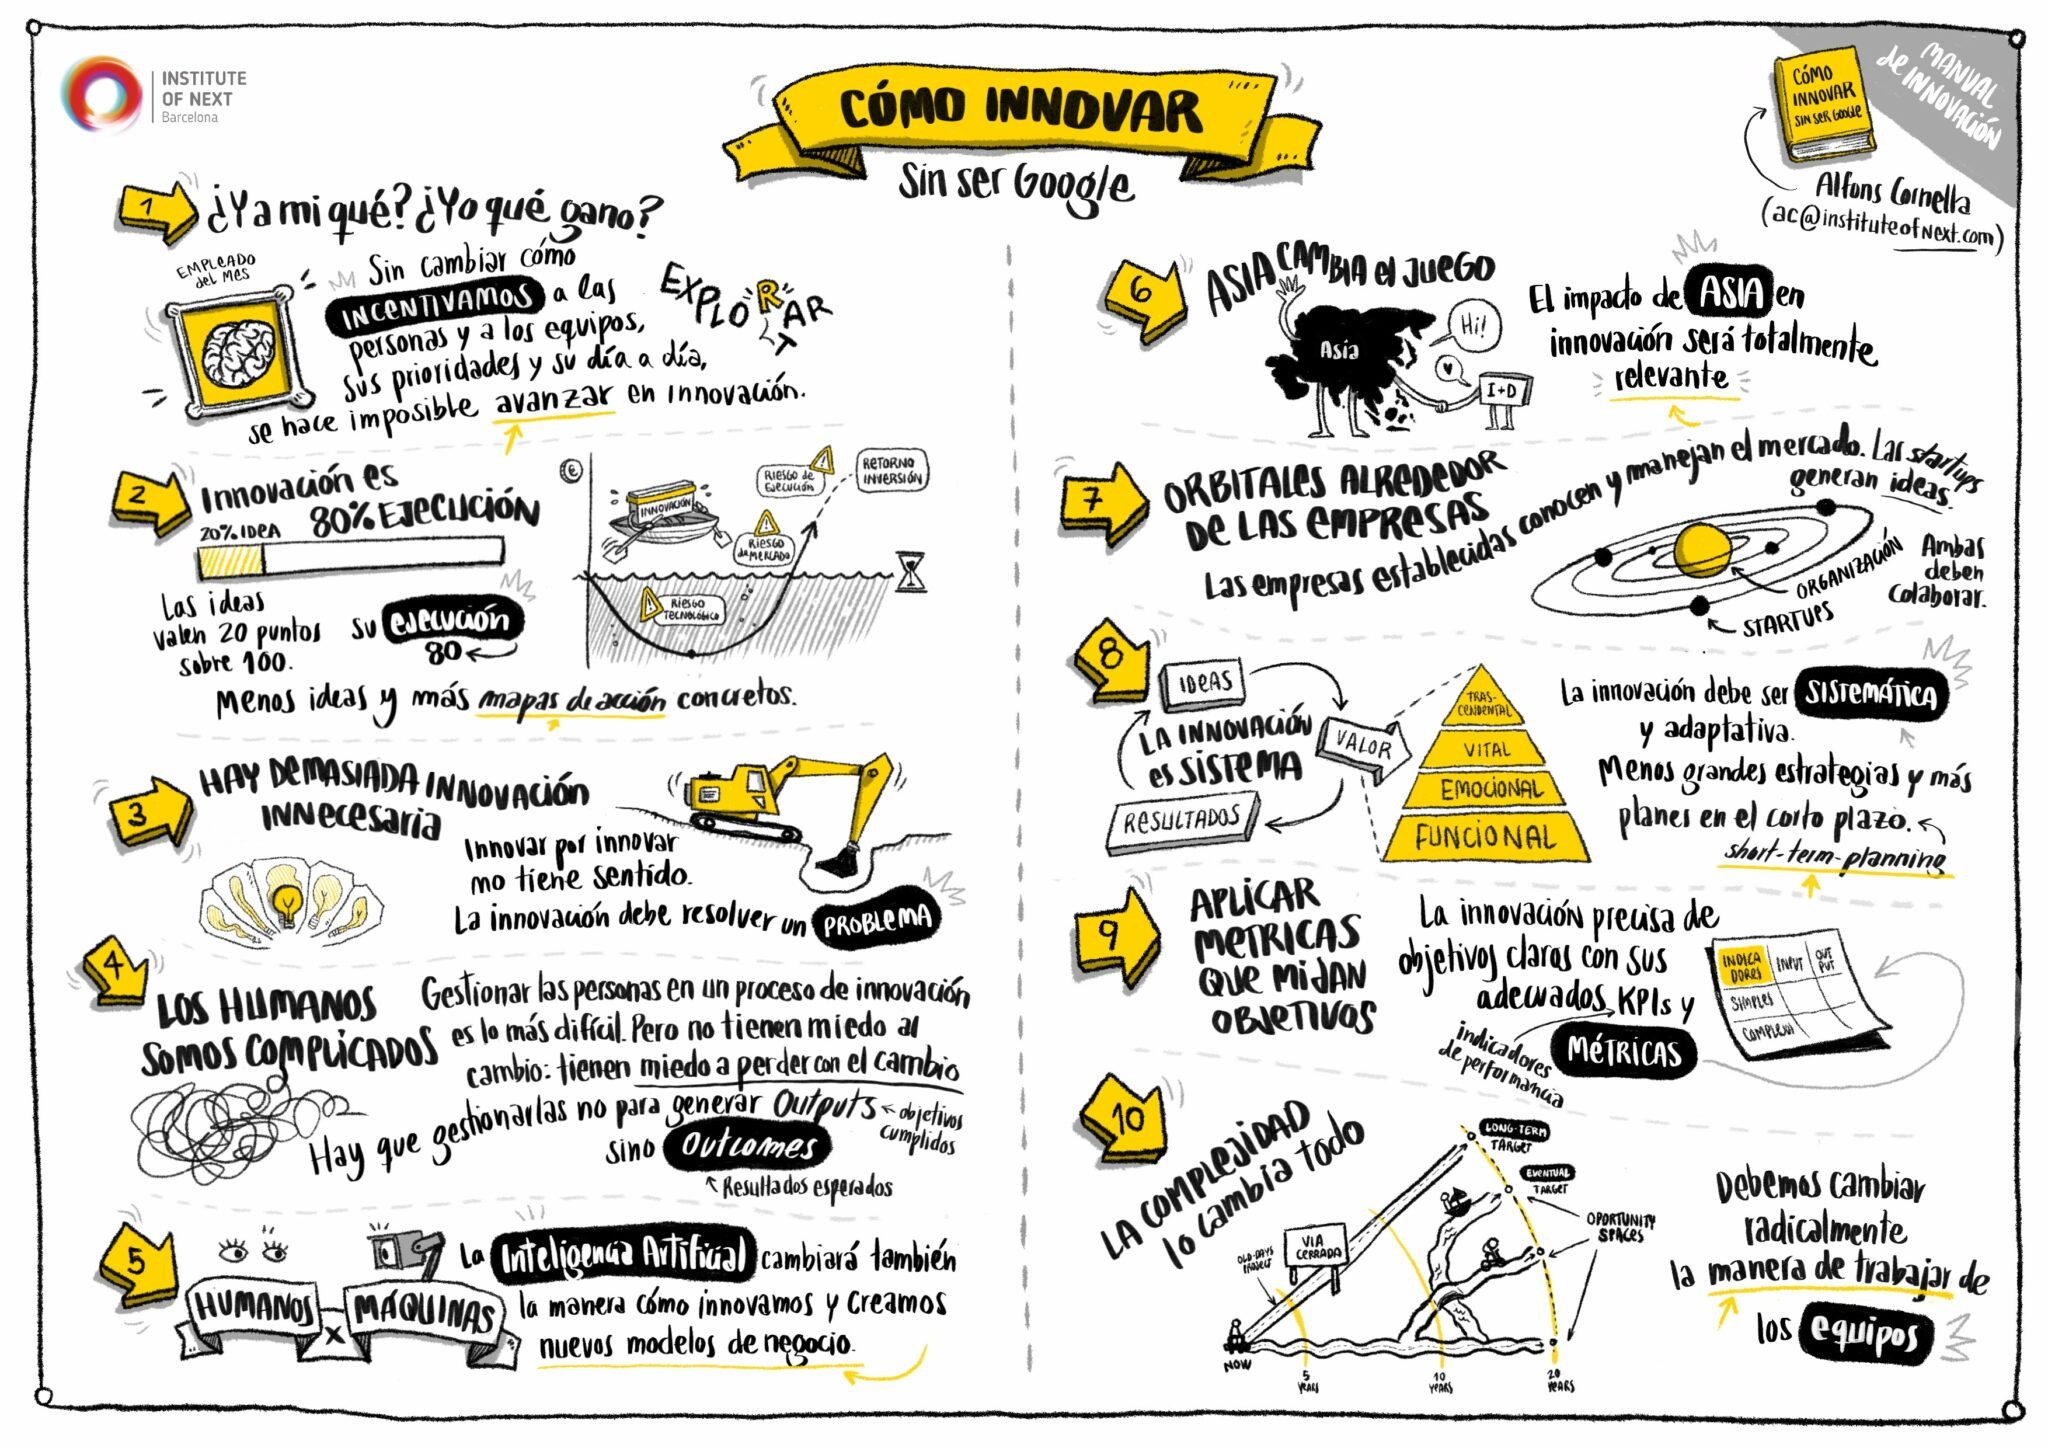 Diez aprendizajes clave en innovación